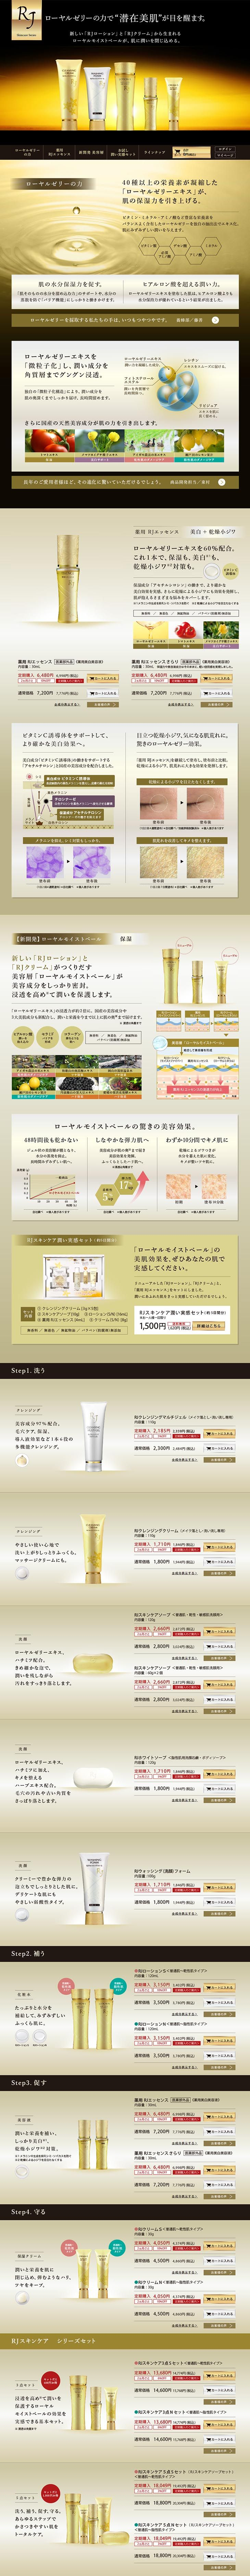 ランディングページ LP RJローション/RJクリーム|健康・美容食品|自社サイト